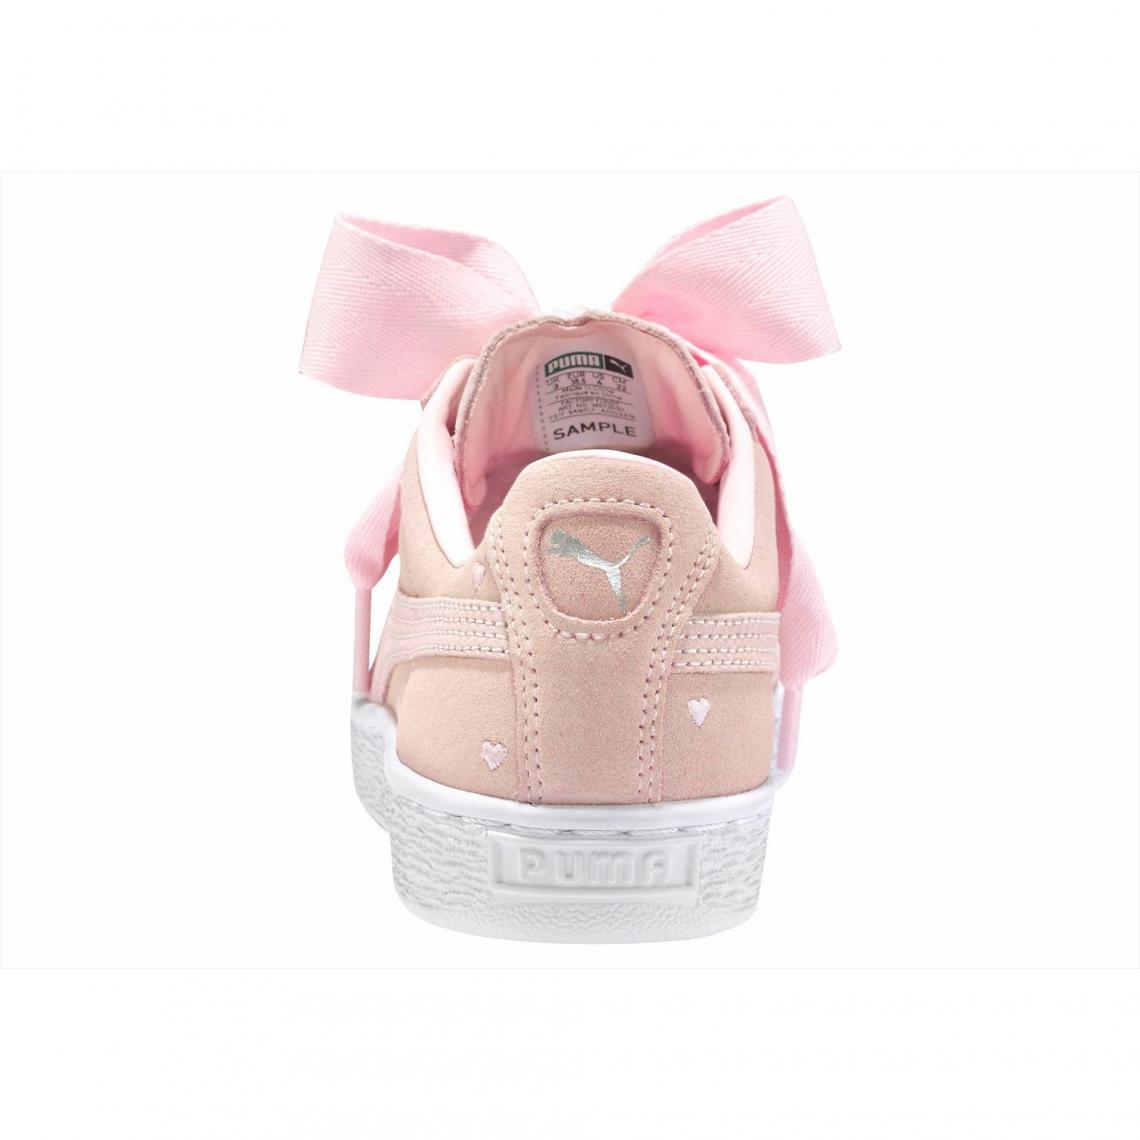 Heart Puma Rosé Suede De Valentine Chaussures Blanc Sport Fille wqTXv6t